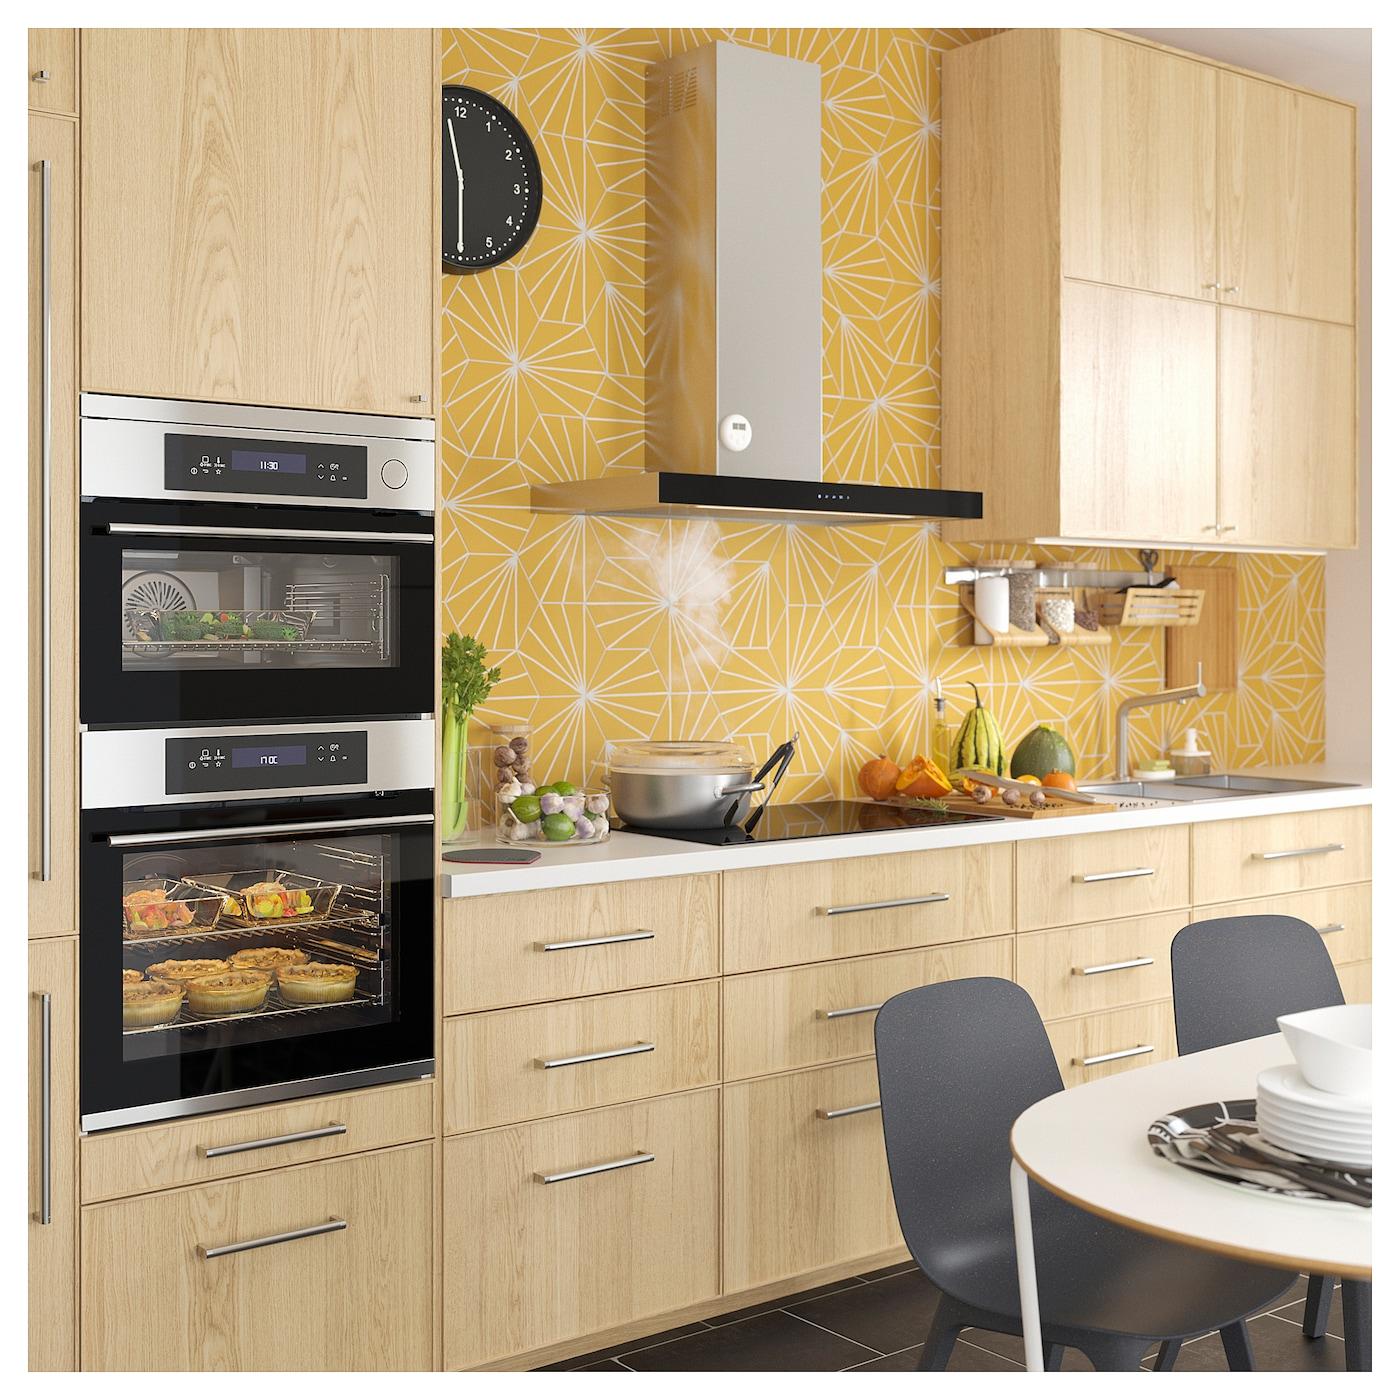 kulinarisk heteluchtoven zelfreinigingsfunctie roestvrij staal ikea. Black Bedroom Furniture Sets. Home Design Ideas